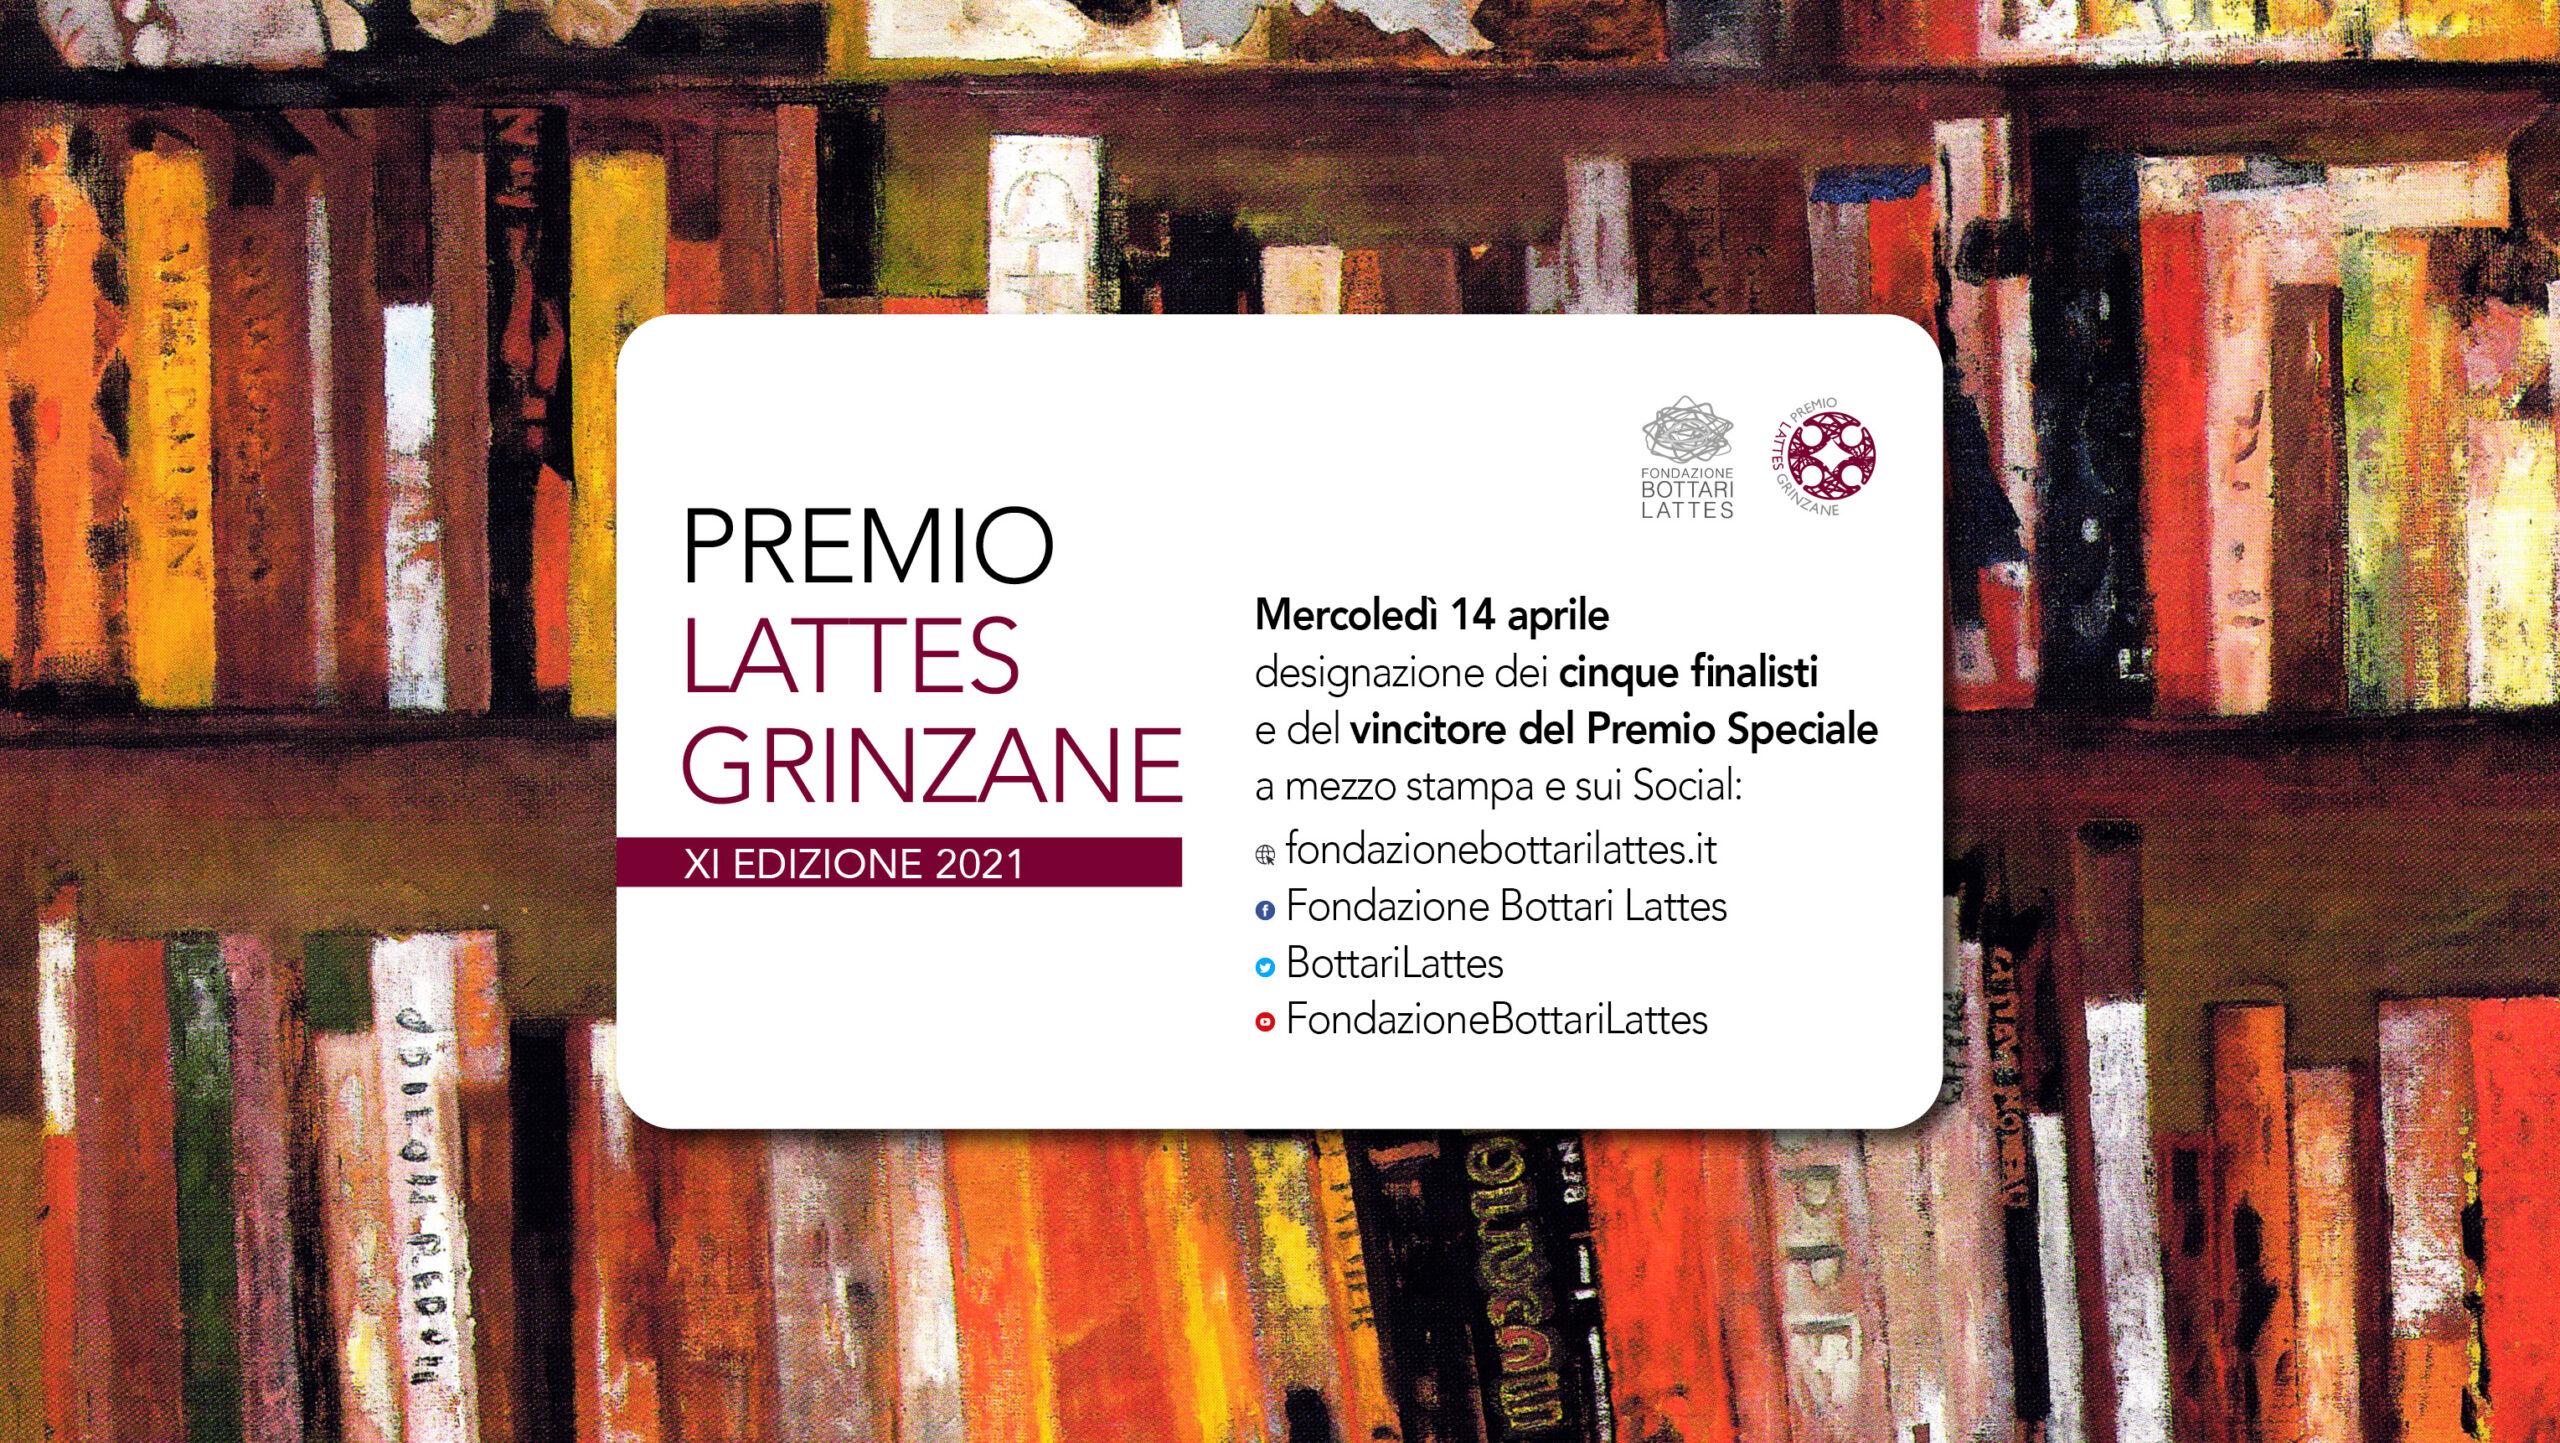 Designazione dei finalisti in concorso e del Premio Speciale dell'XI edizione del Premio Lattes Grinzane